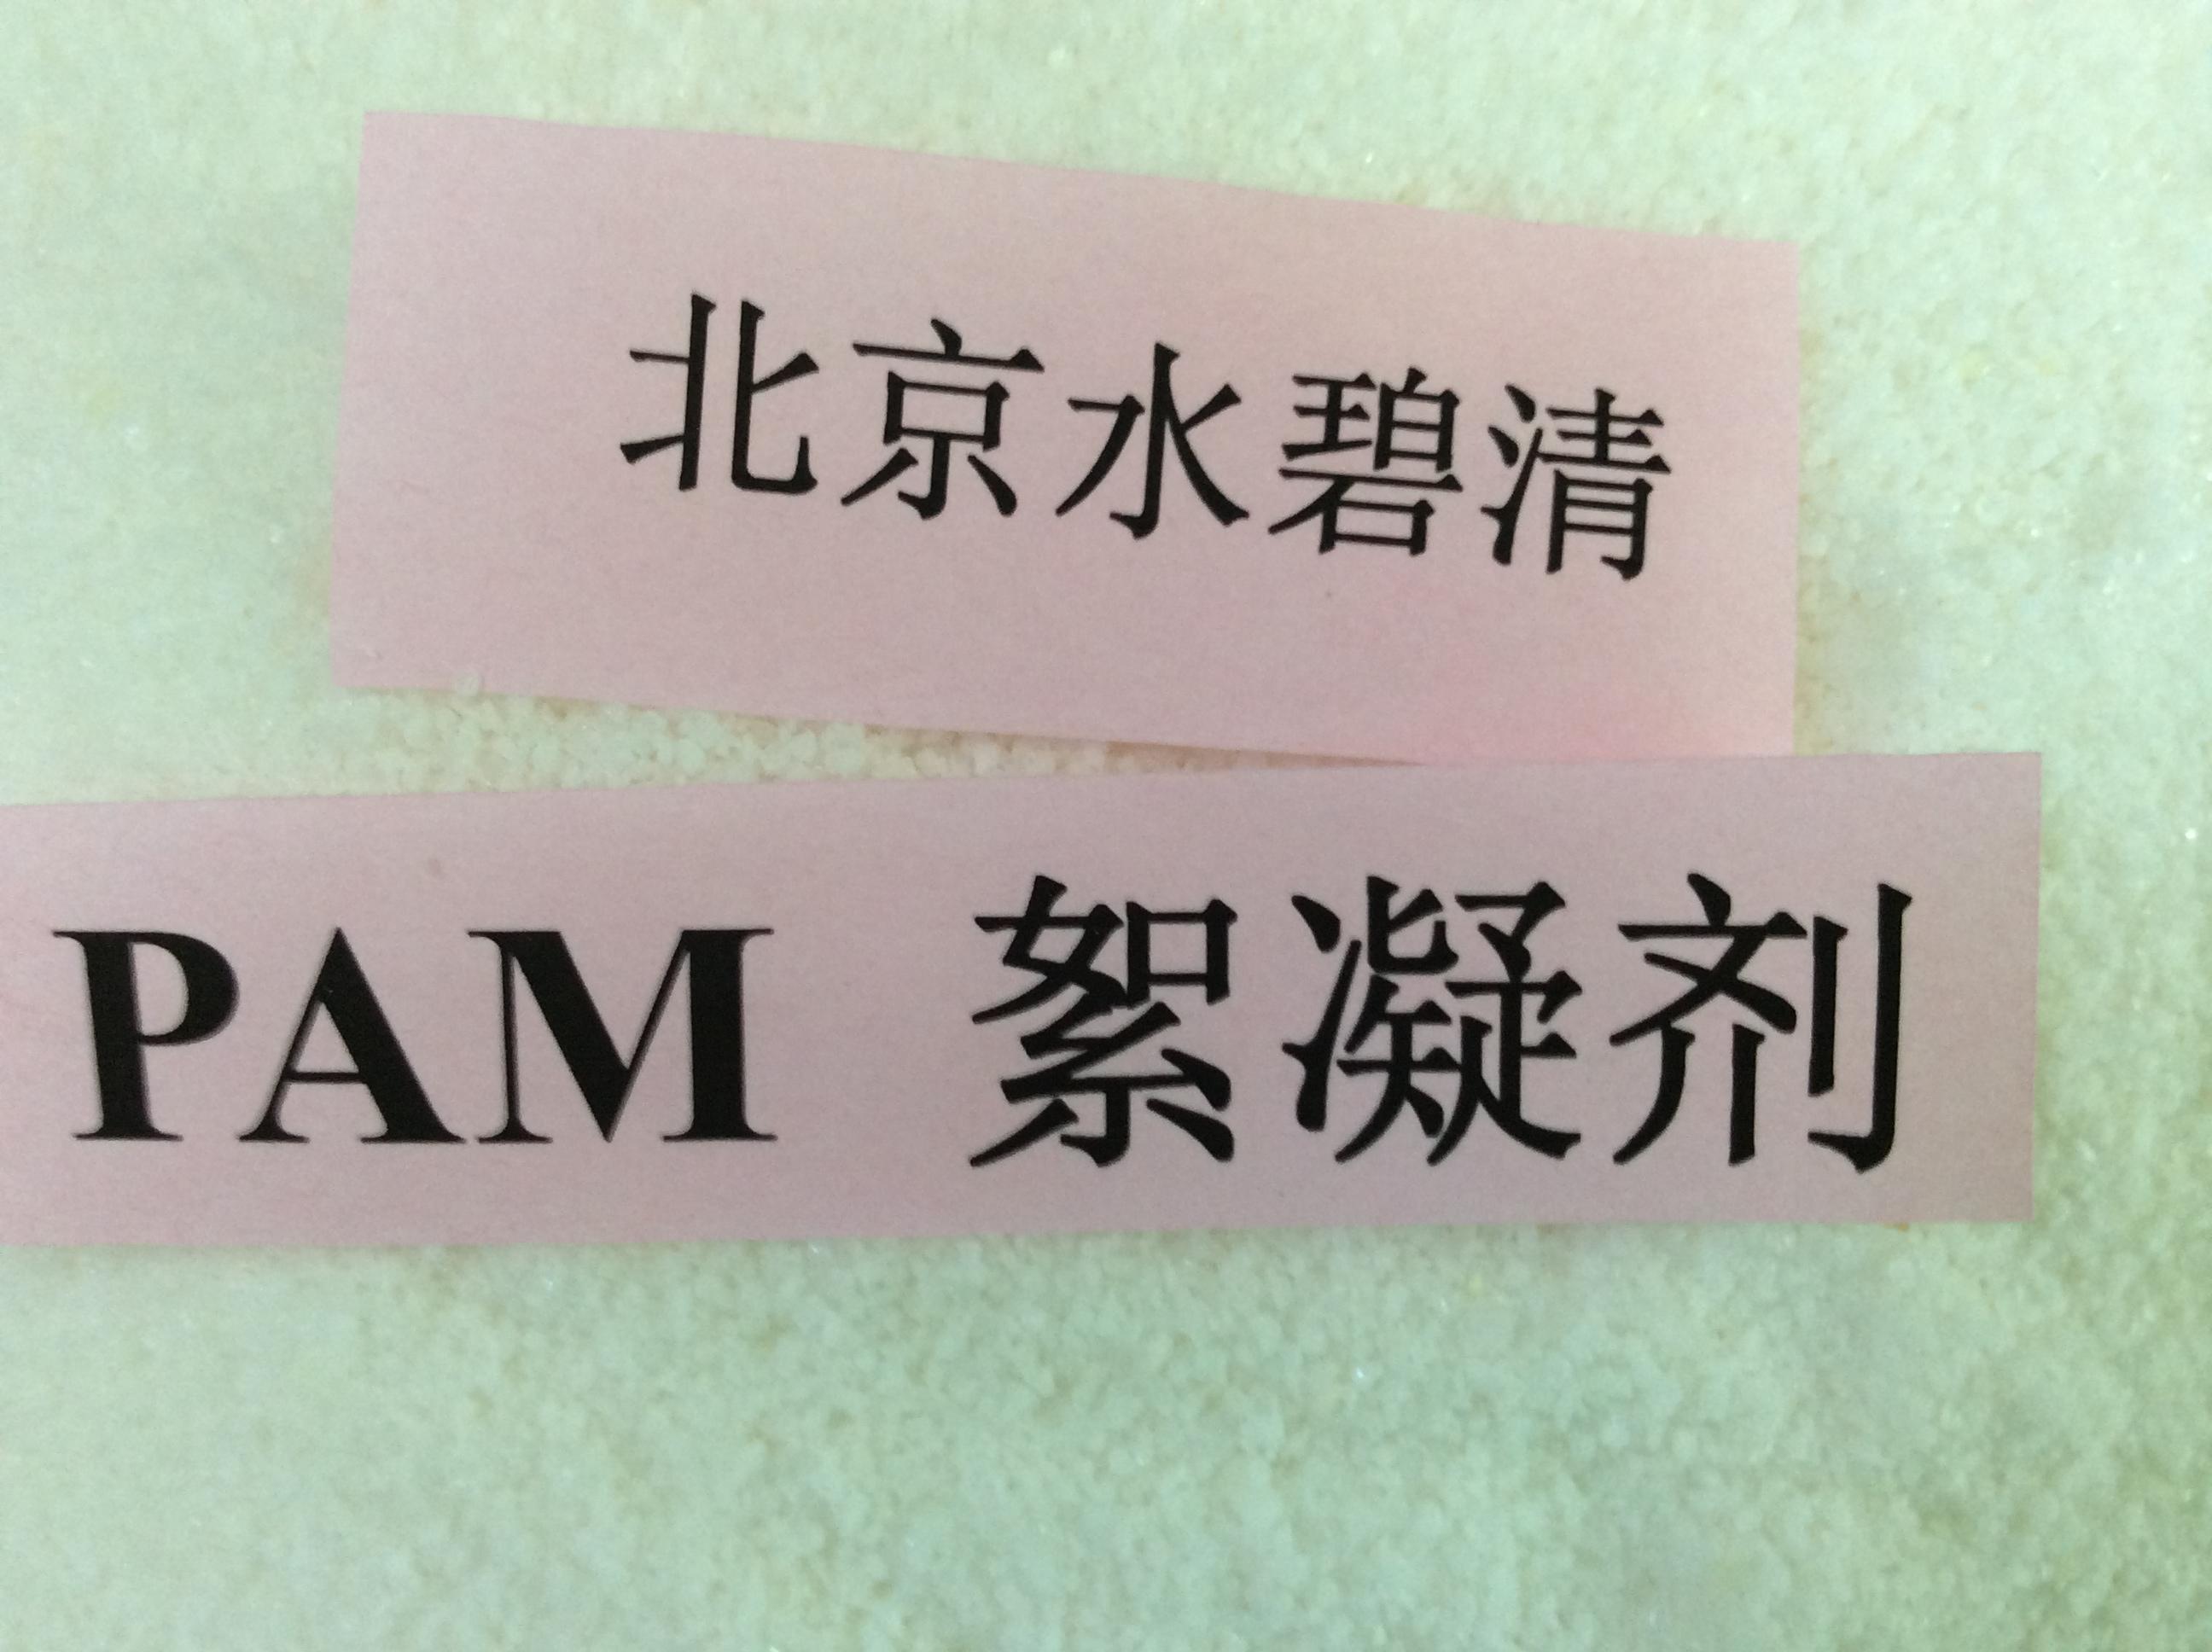 七台河电厂消泡剂有限公司、欢迎您!